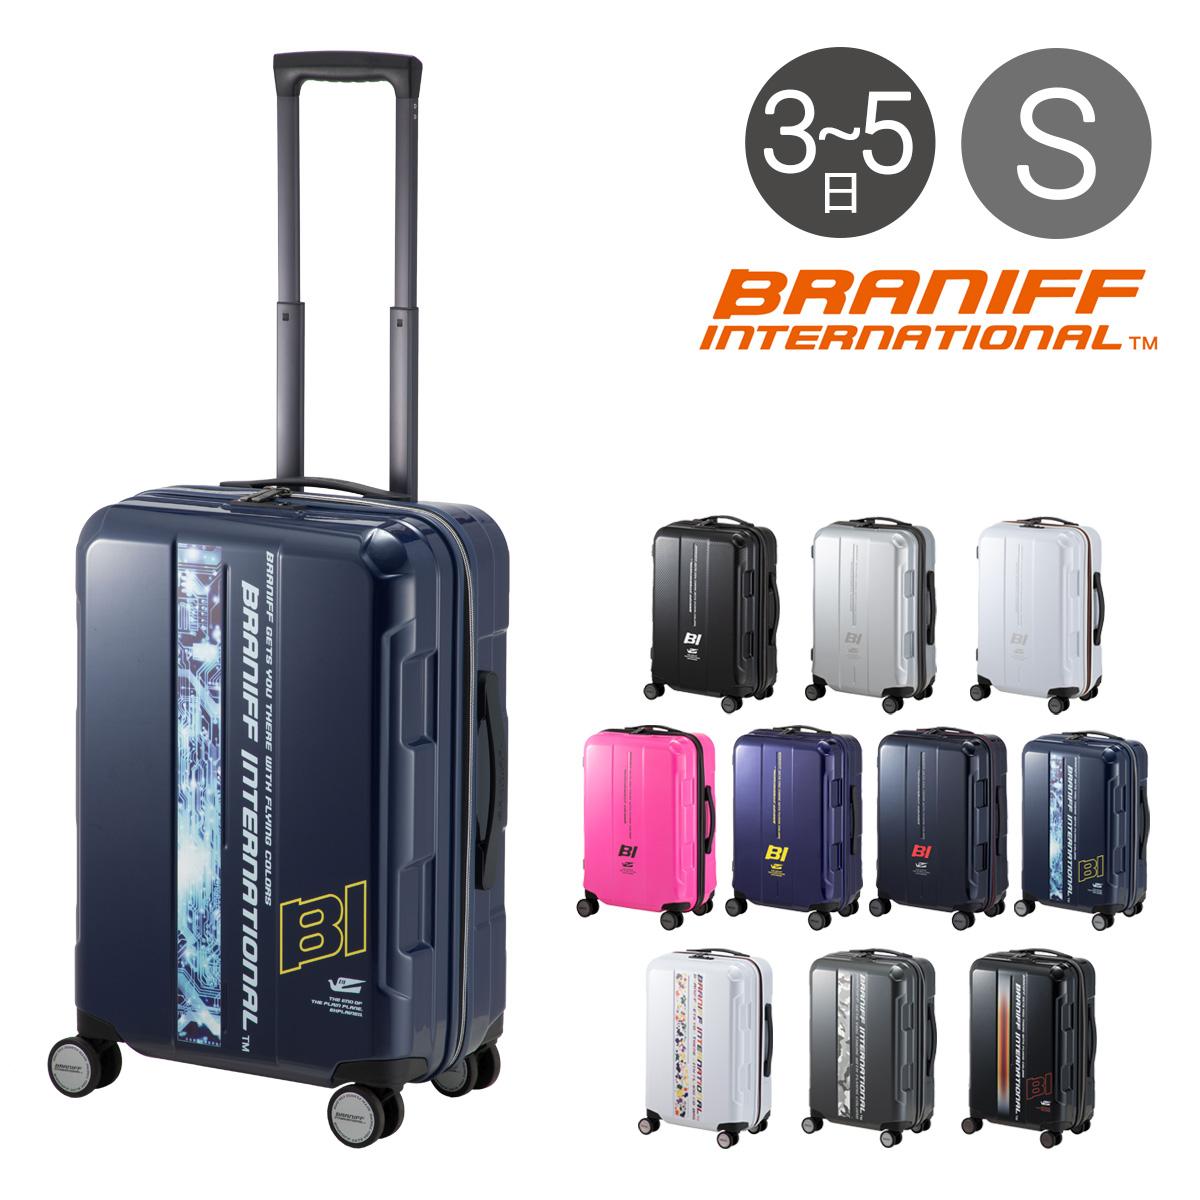 ブラニフ スーツケース 4輪 当社限定カラー|52L 56cm 3.4kg 787-56|軽量 ハード ファスナー|BRANIFF INTERNATIONAL|静音 TSAロック搭載 HINOMOTO おしゃれ キャリーバッグ キャリーケース[PO10][bef]